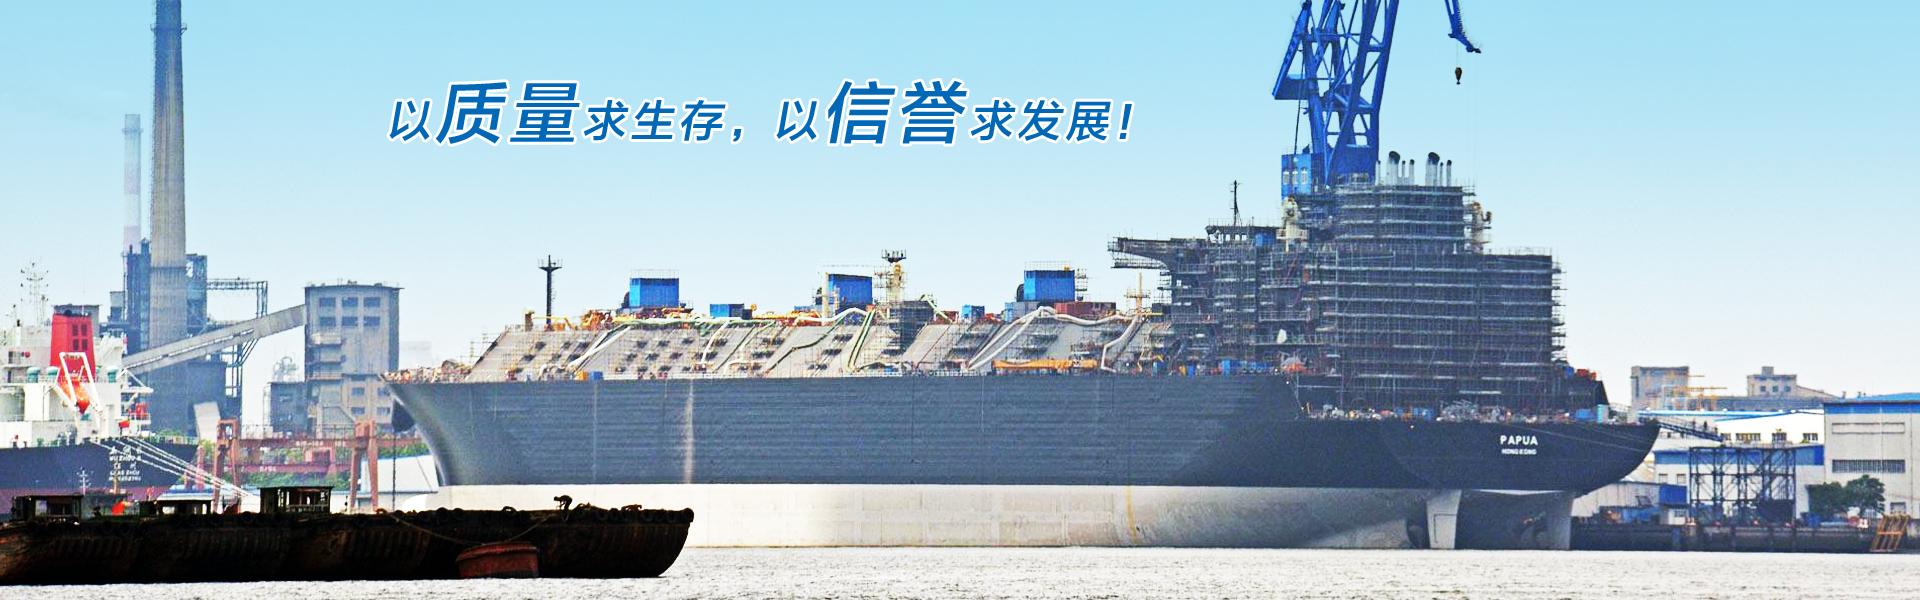 肇慶市高要新中石化管道配件有限公司既擁有電熱推制彎頭及大彎生產線,又擁有熱成型三通、異徑管、法蘭生產設備。